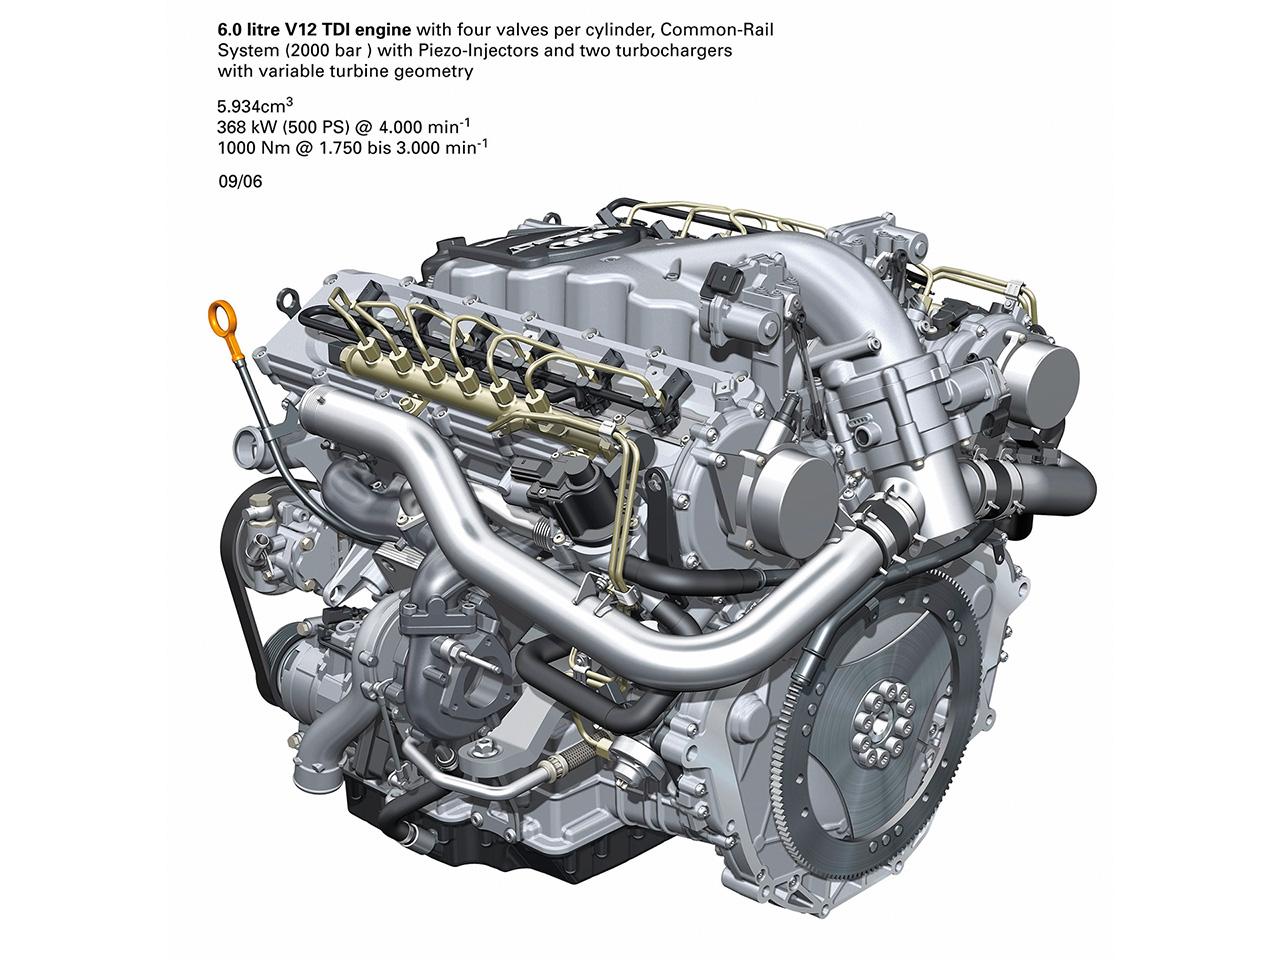 Audi V12 TDI engine